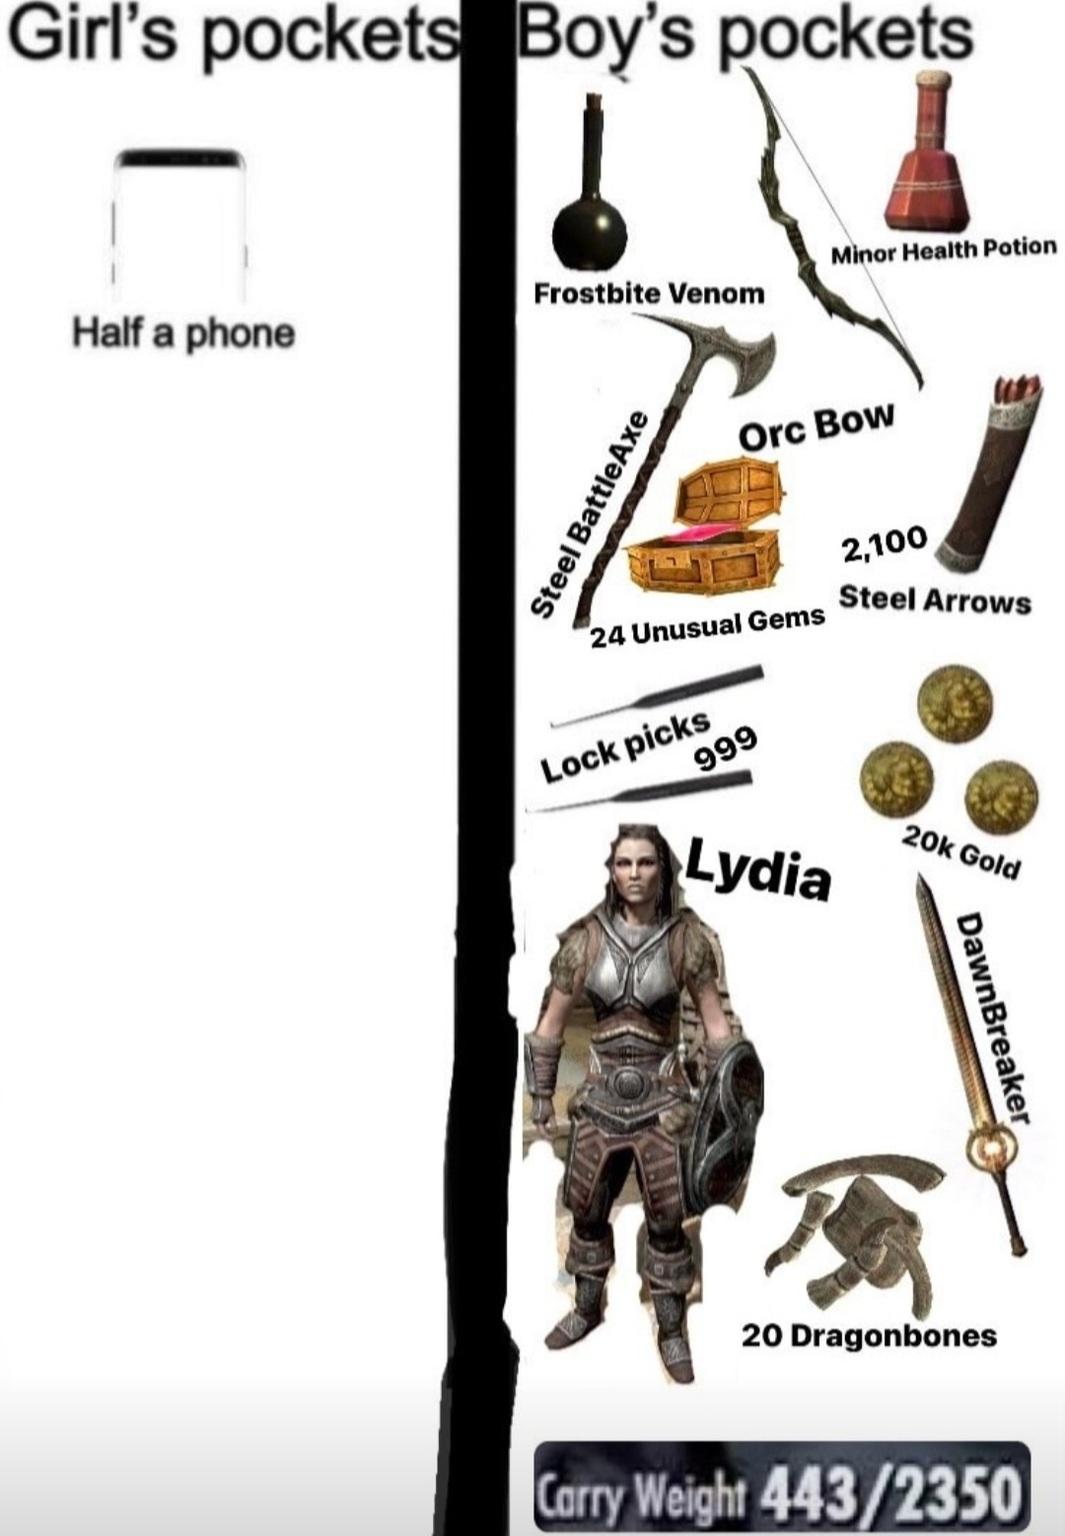 Lydia in my pocket - meme